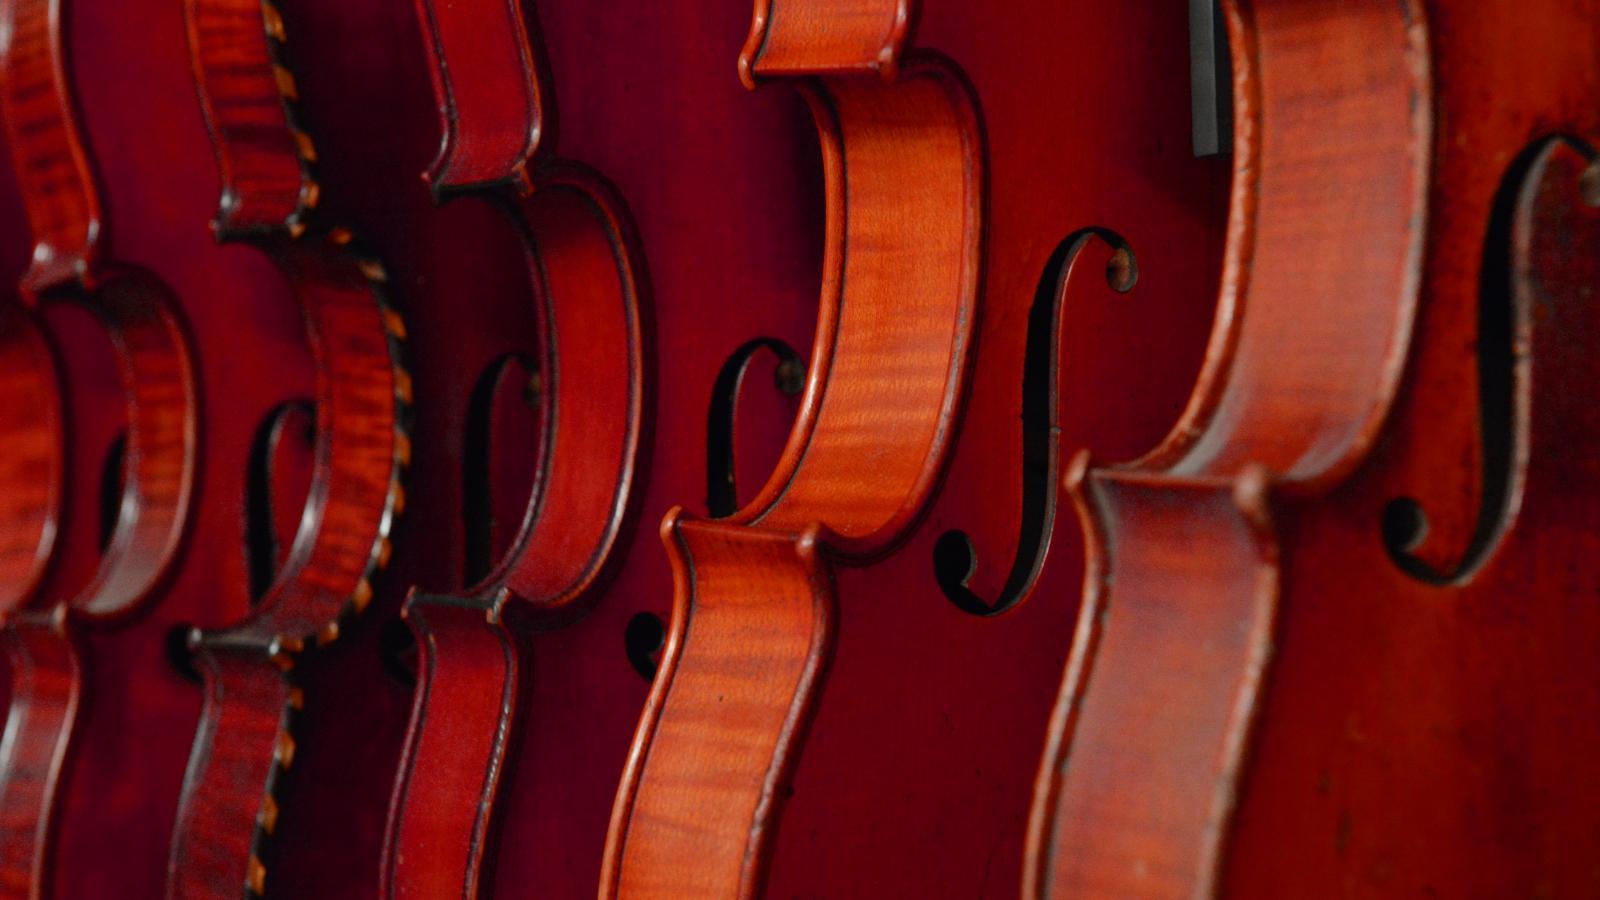 Des violons de Mirecourt